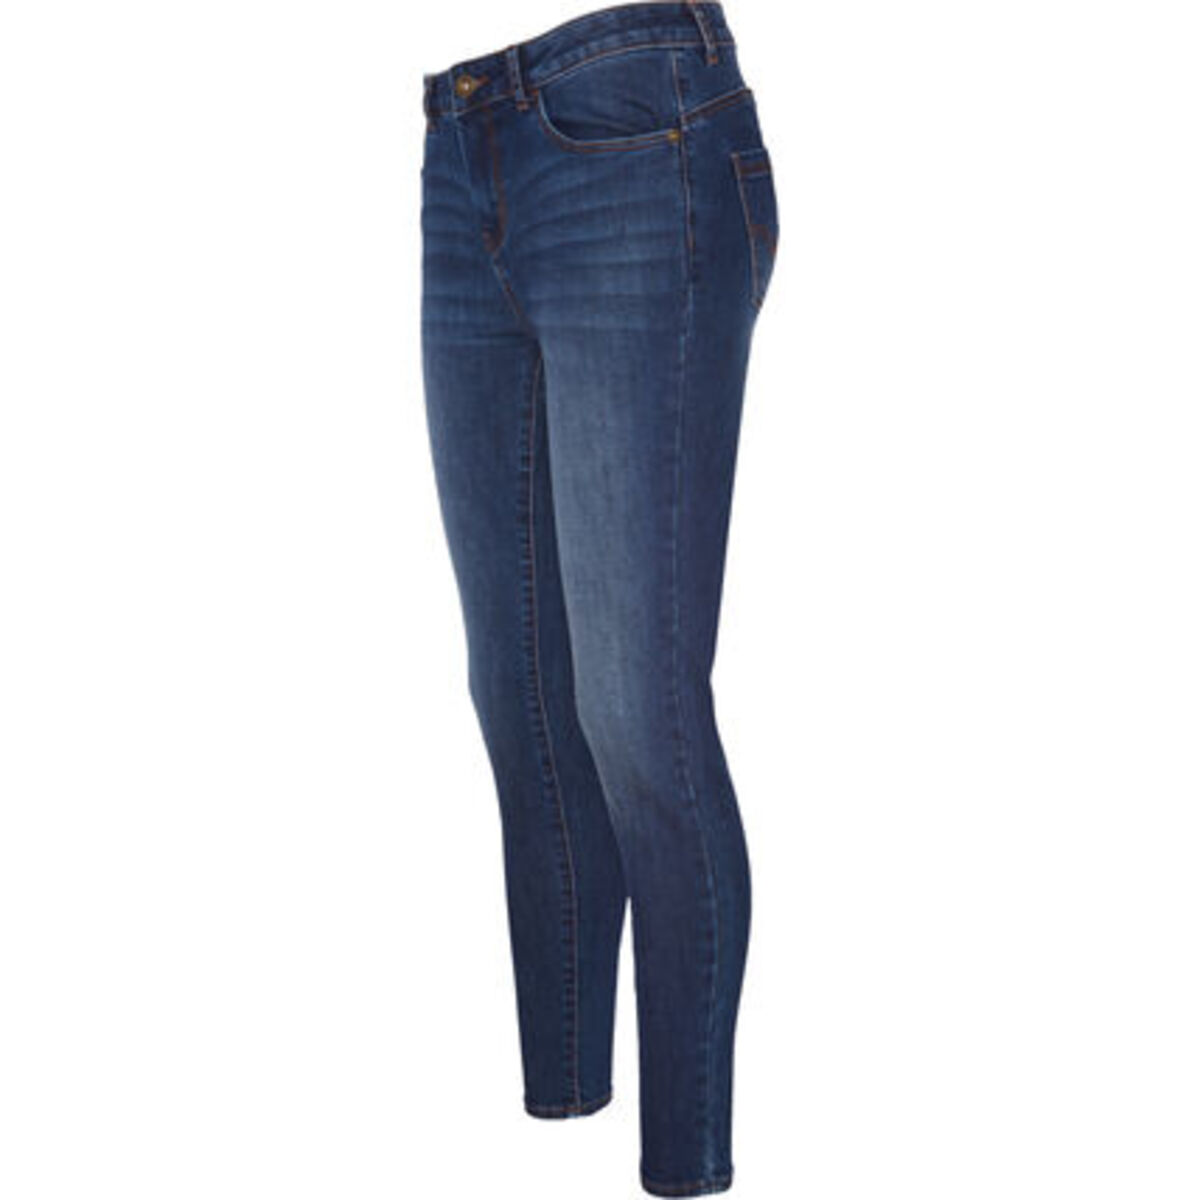 Bild 1 von MANGUUN Jeans, 5-Pocket-Stil, Used-Look, für Damen